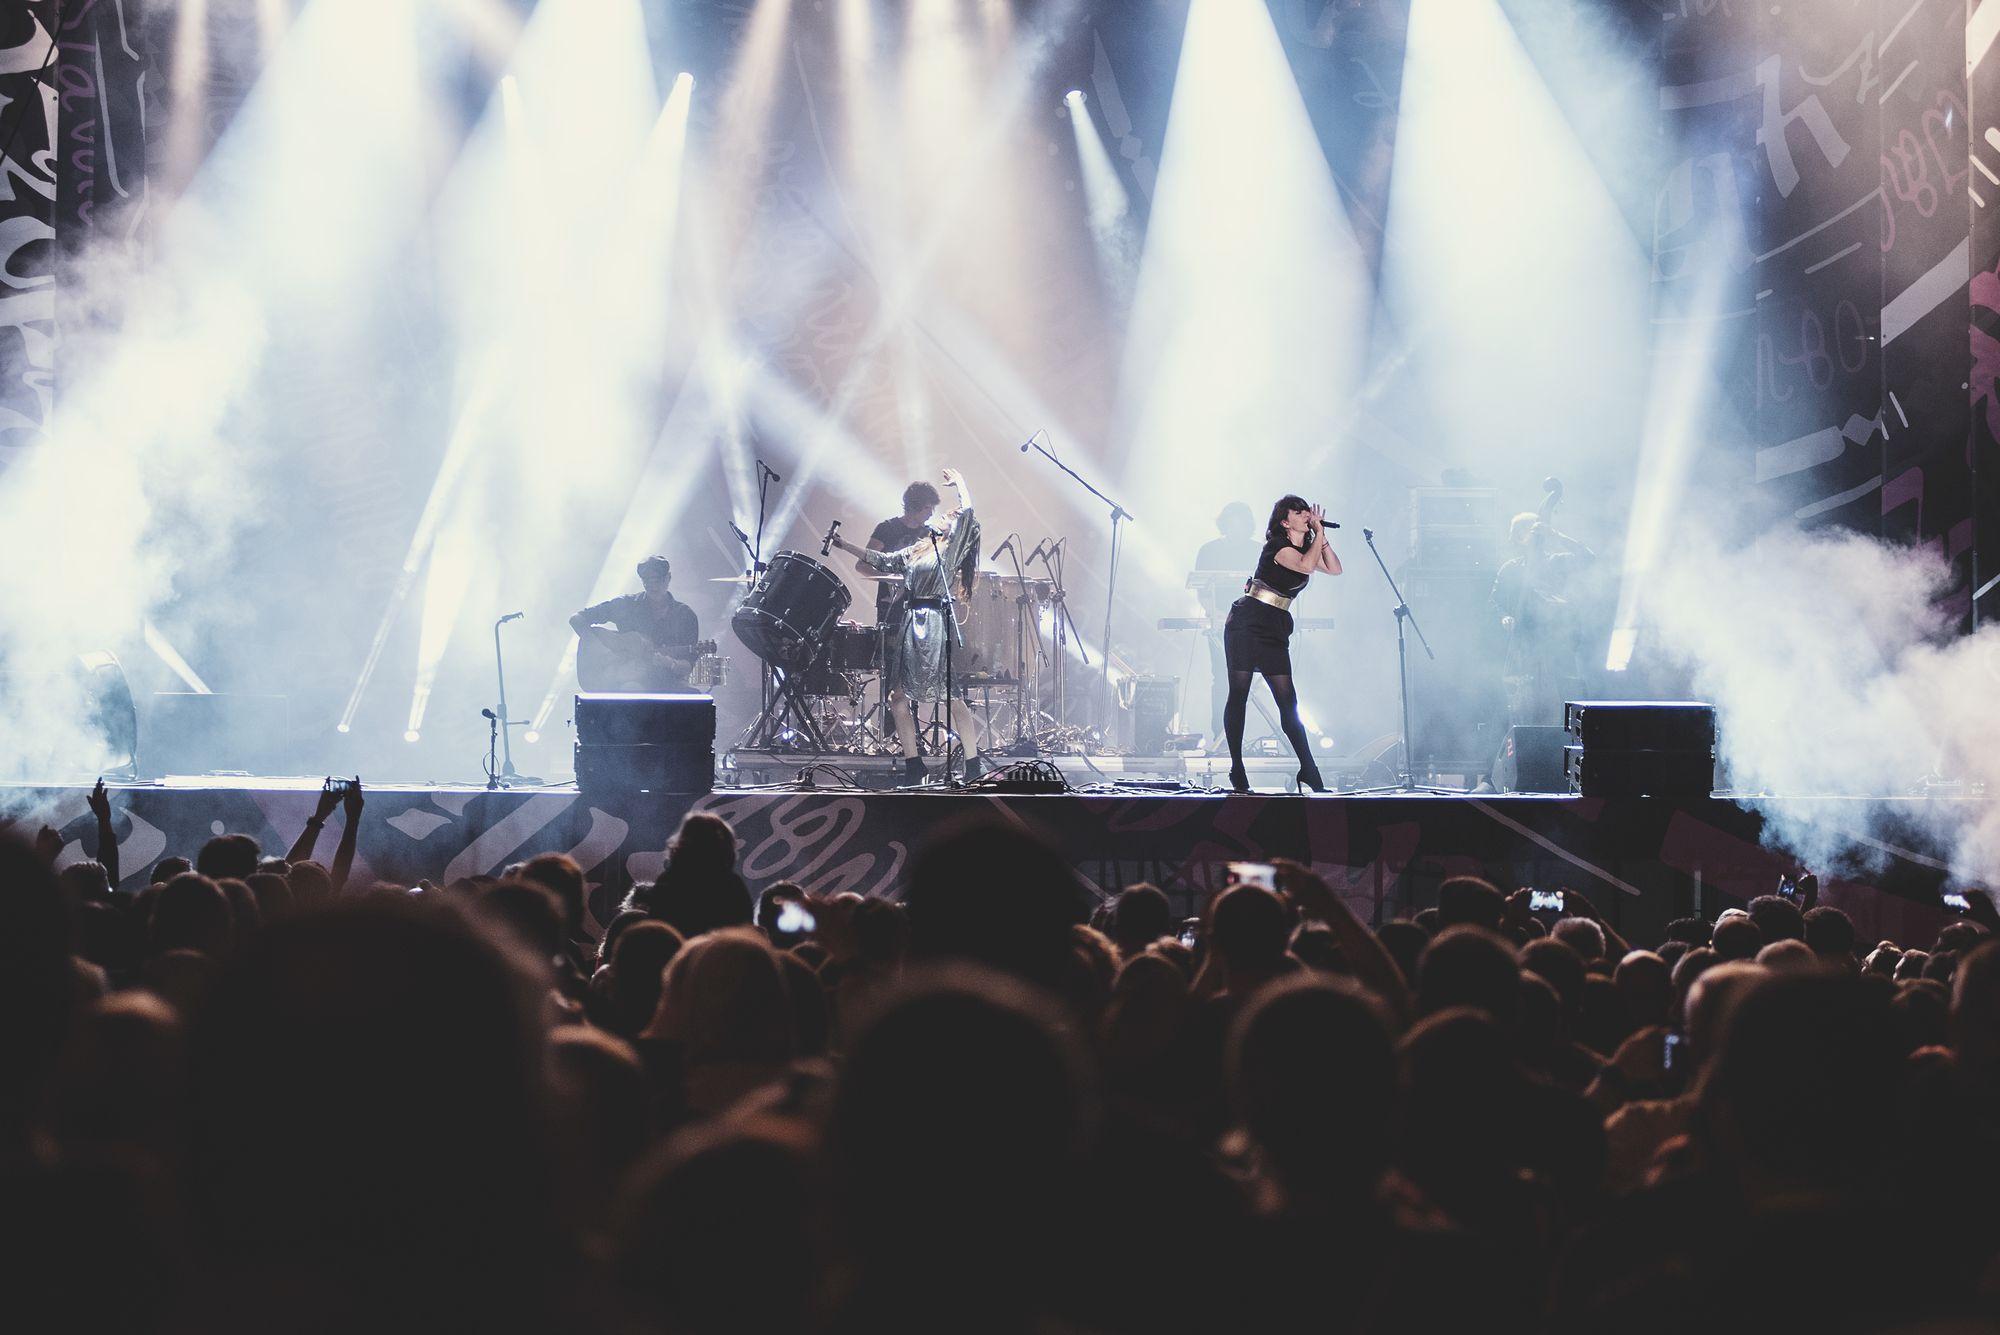 [Wokalista z zaangażowaniem śpiewa na scenie. Za nią w mgle widoczne sylwetki gitarzysty, perkusisty oraz innych członków zespołu. Przed sceną zebrana publiczność.]